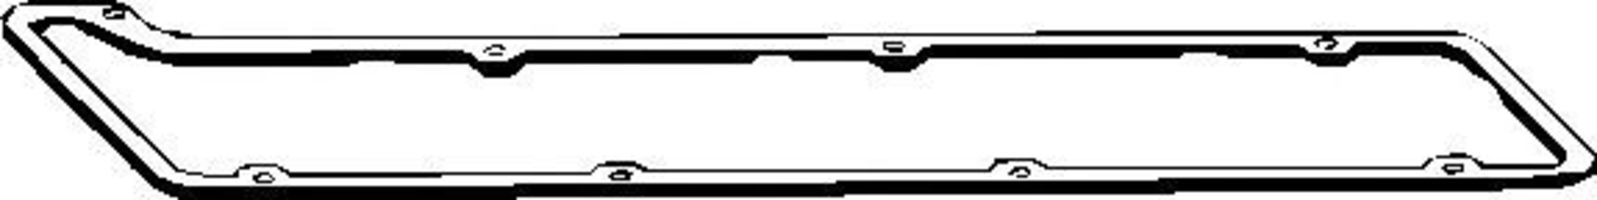 Прокладка клапанной крышки ELRING 752.193